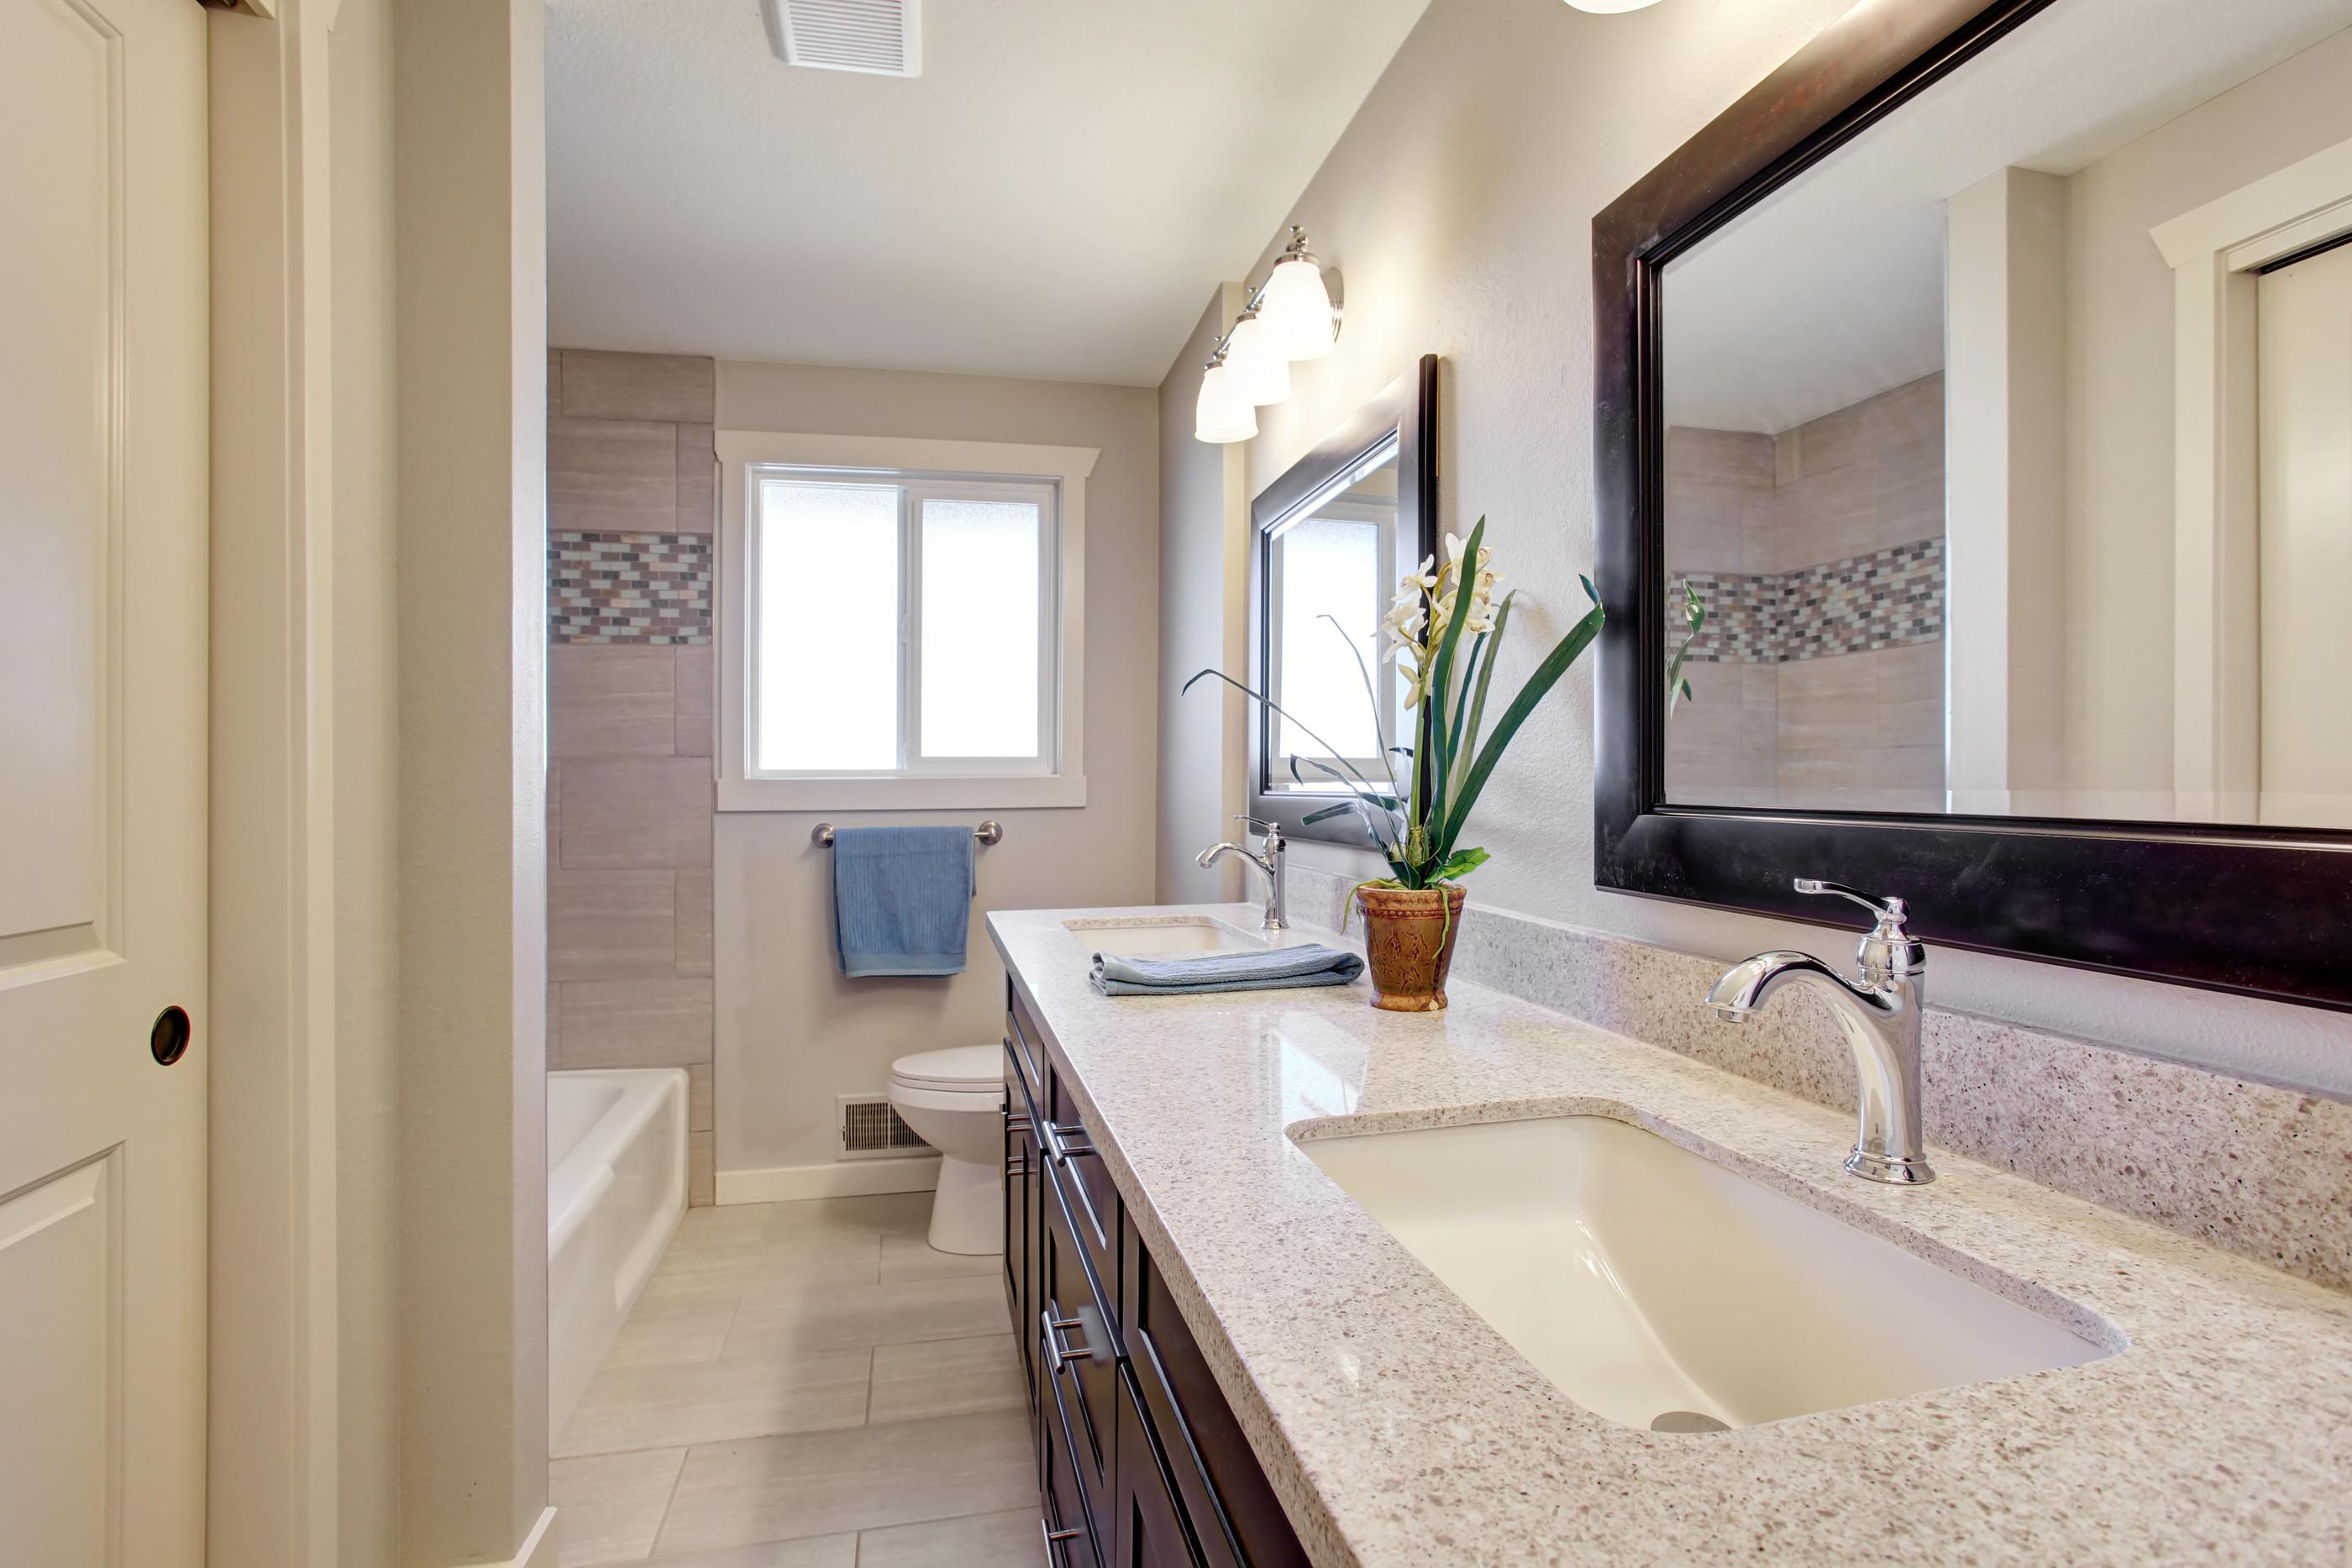 Initial Bathroom Measure & Consultation